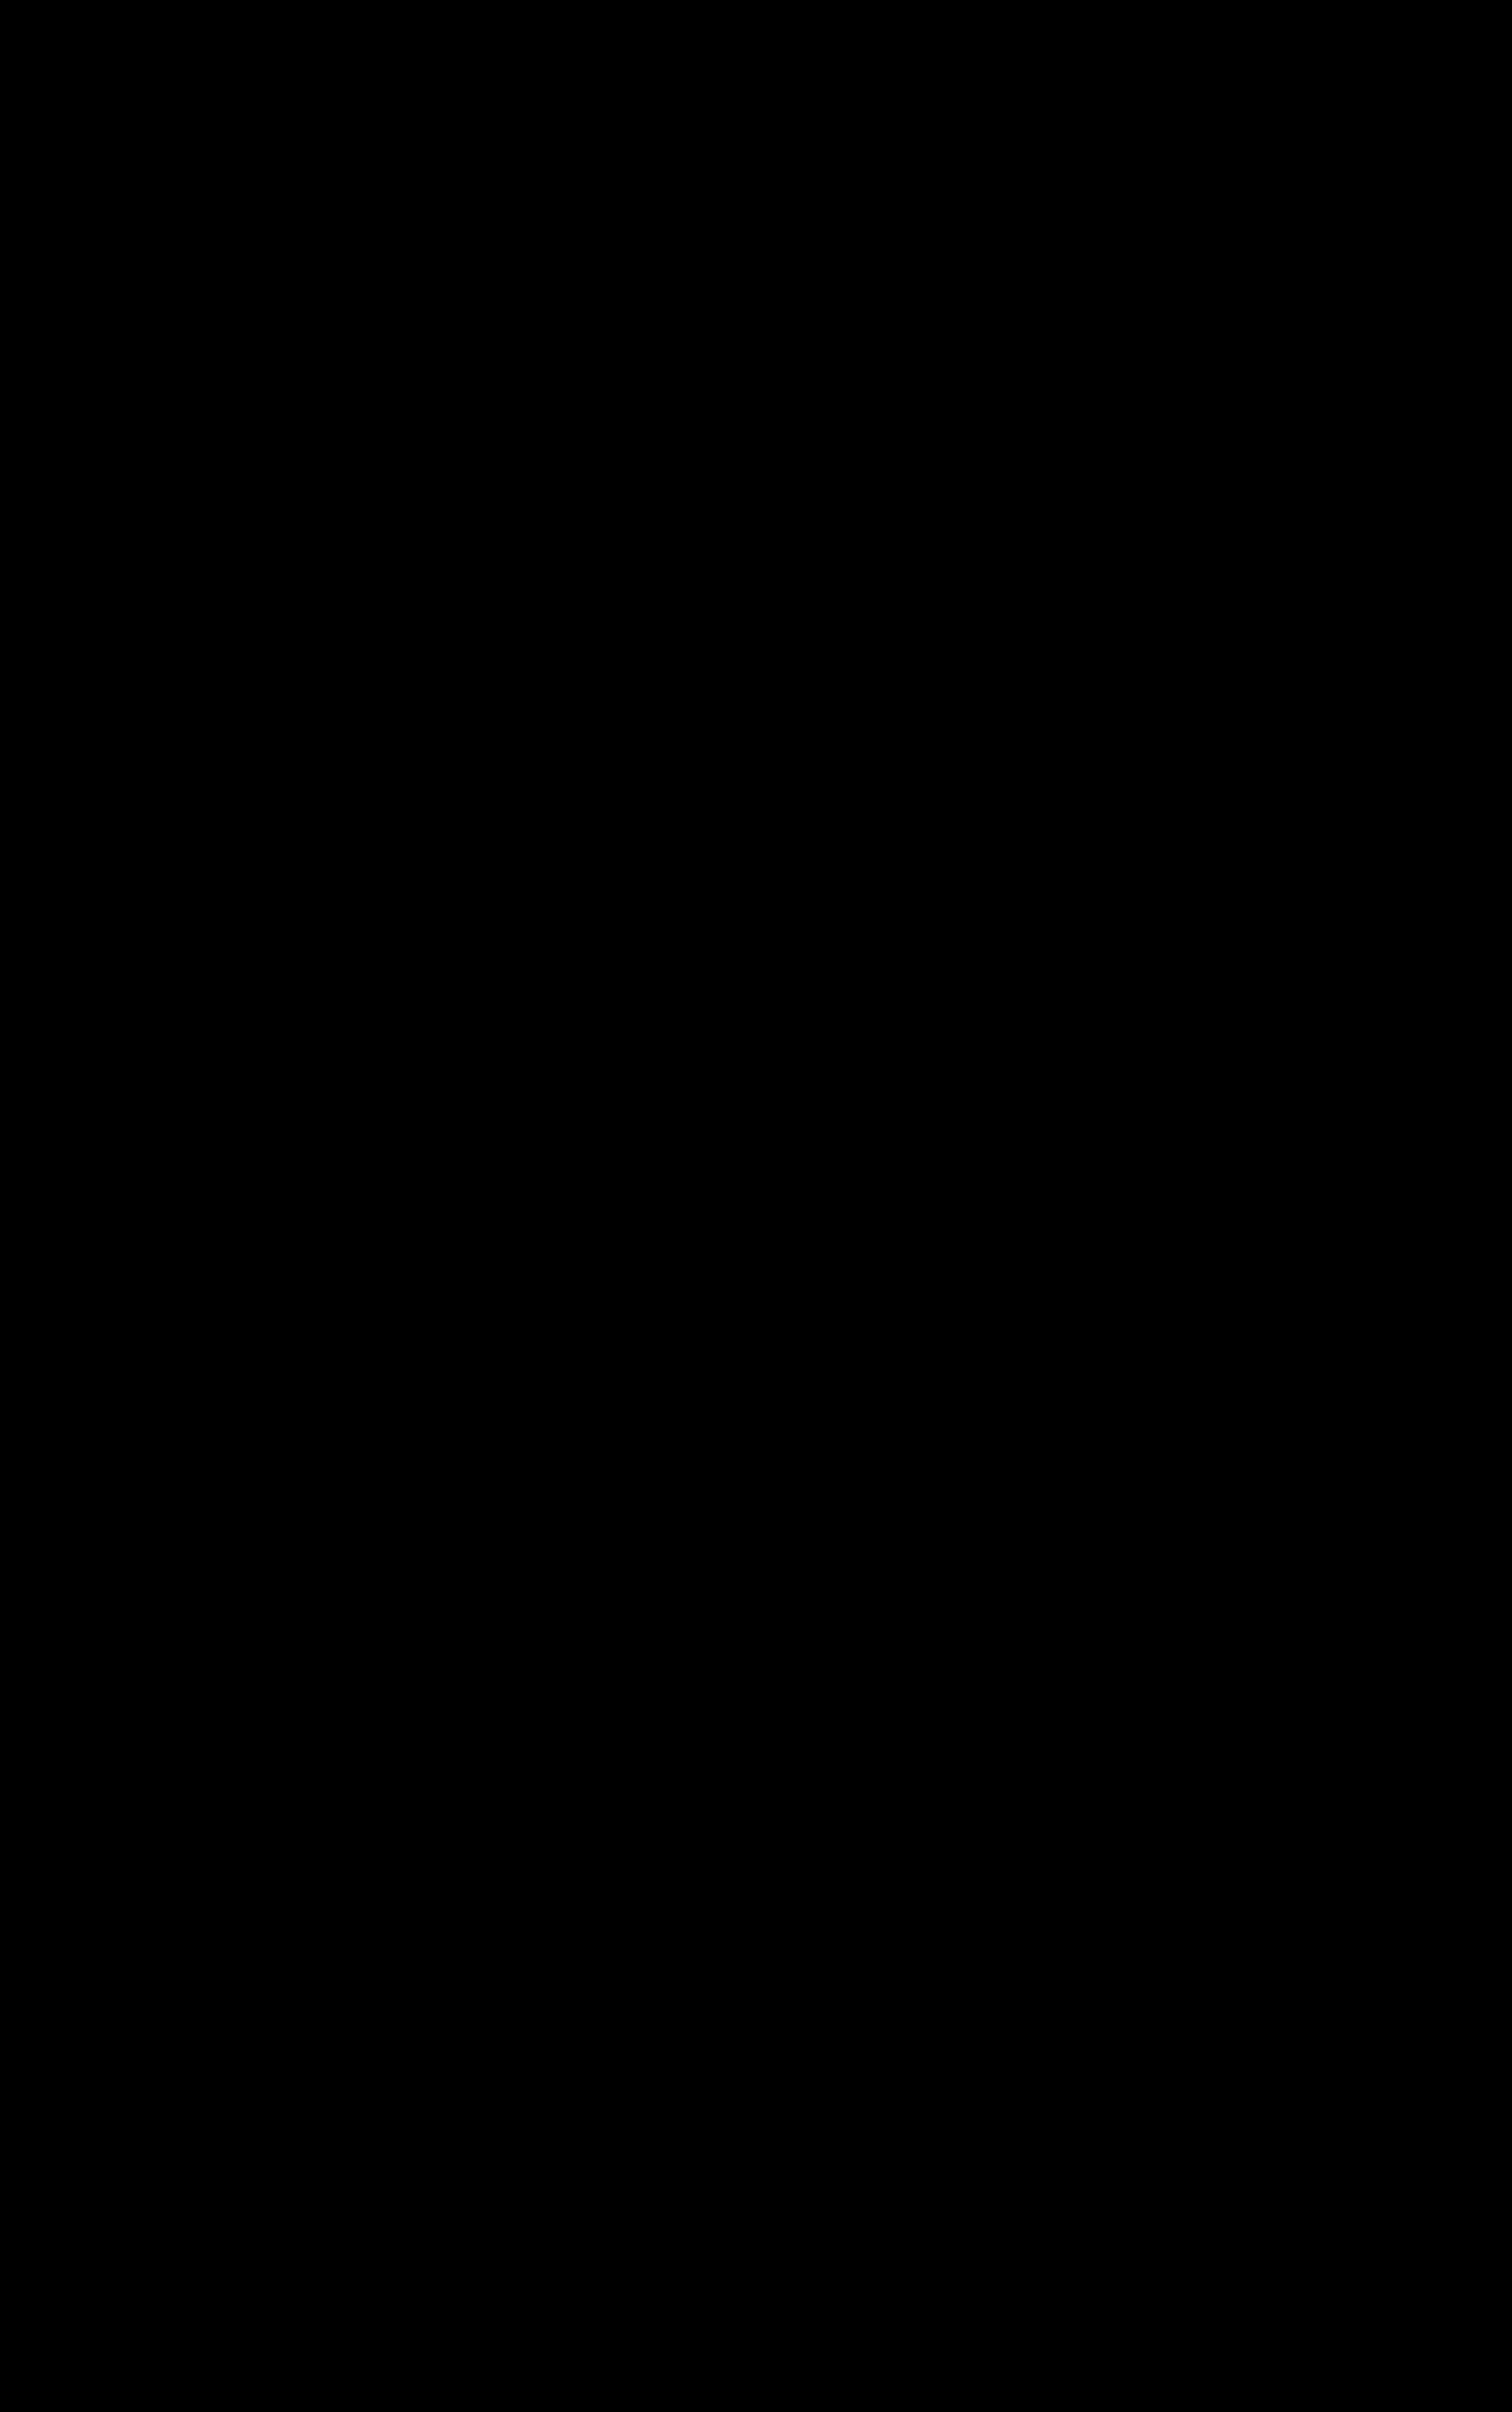 Short taille haute gris à doubles bandes latérales 5